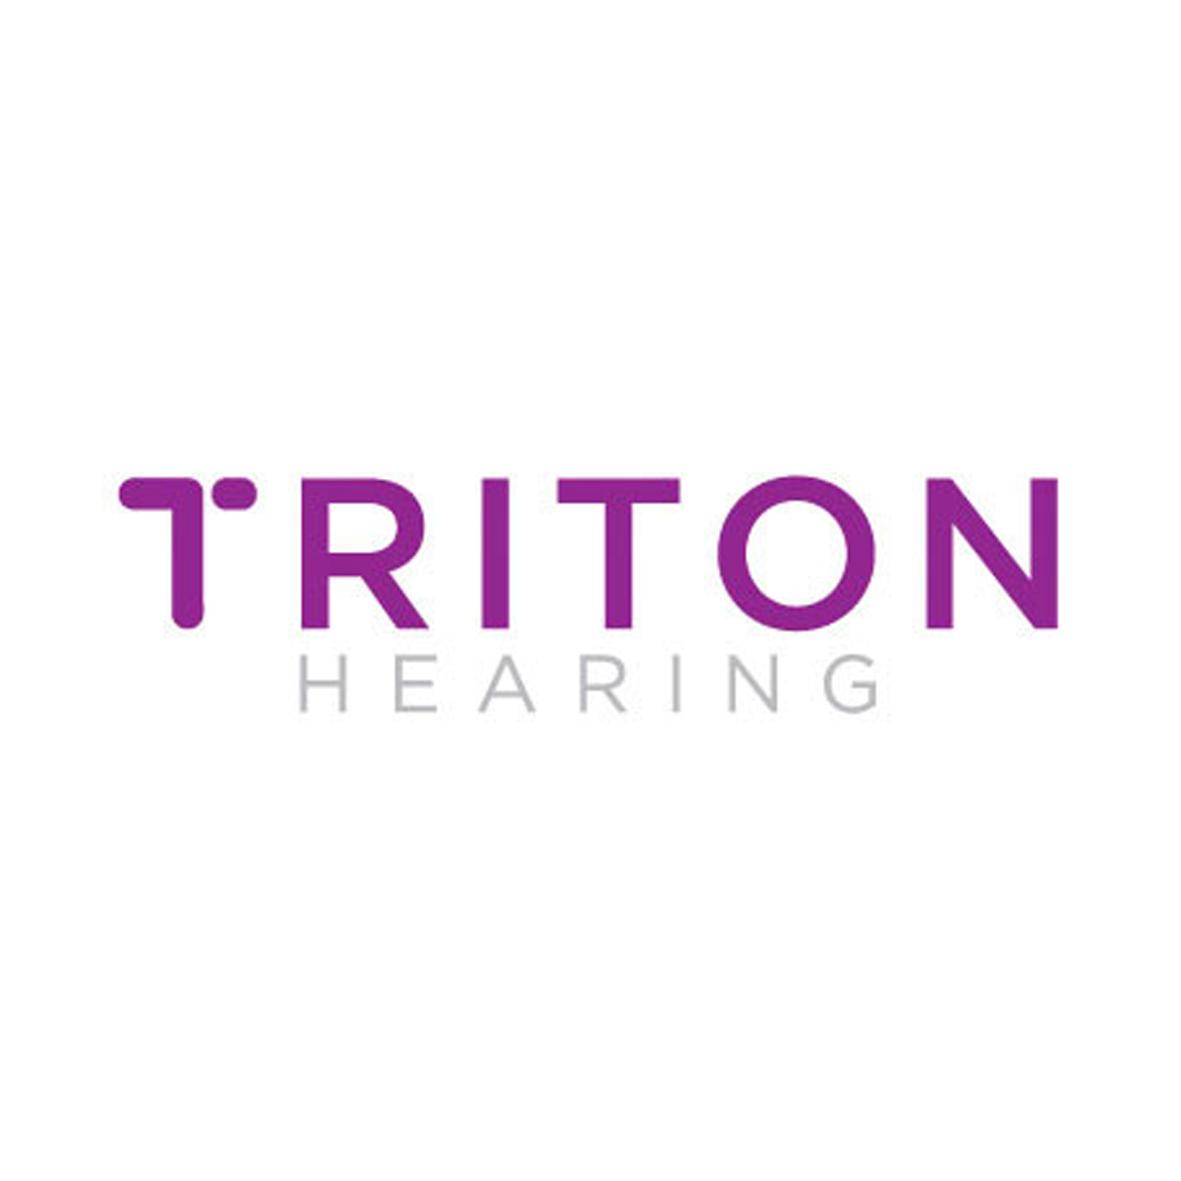 Triton Hearing, Whakatane